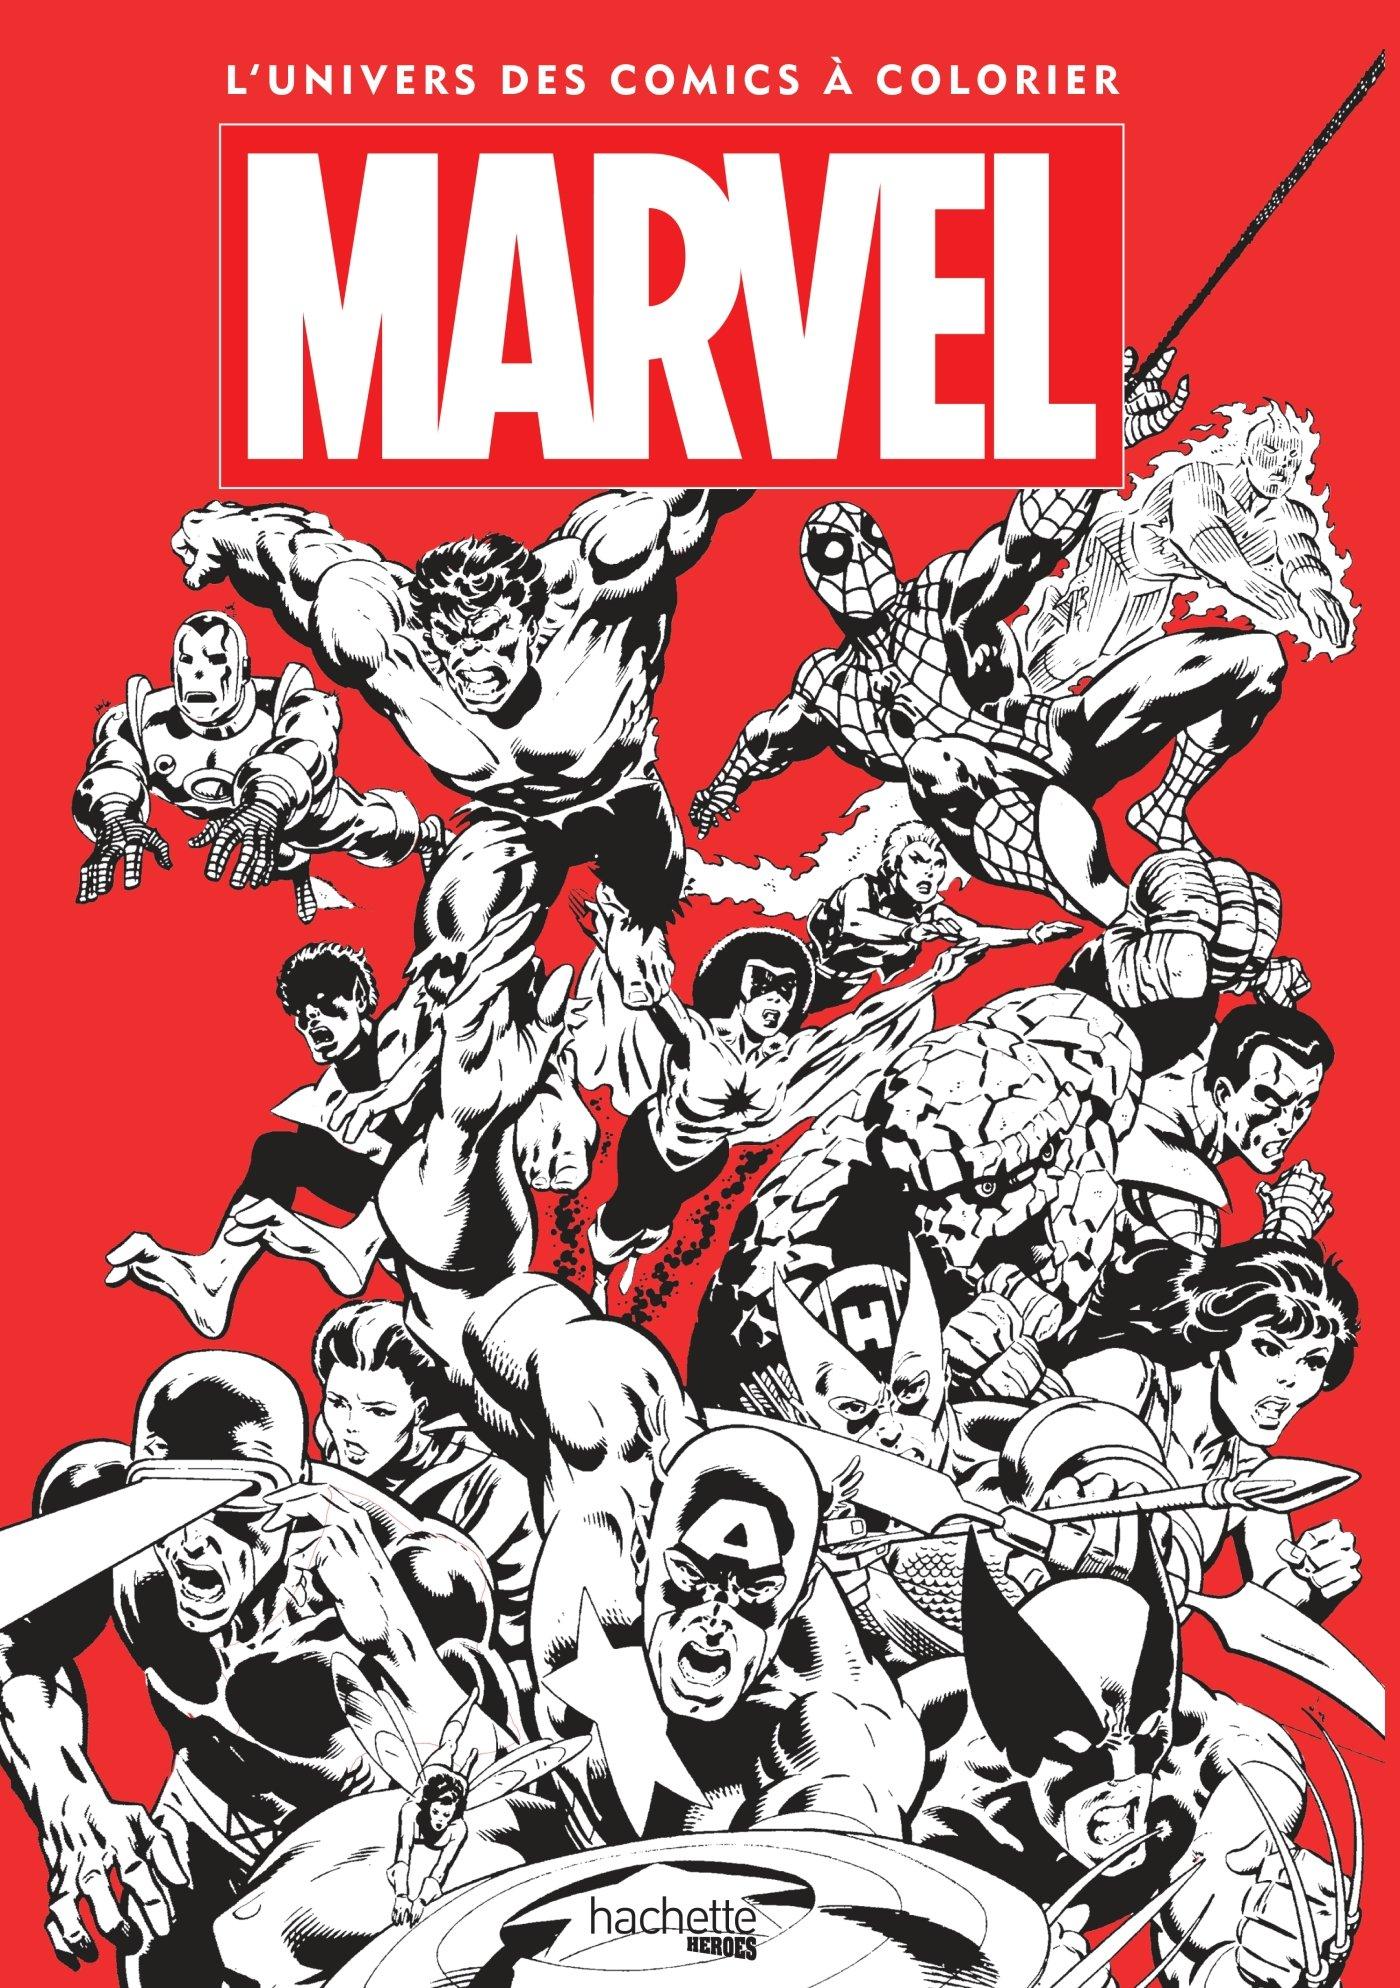 amazonfr marvel lunivers des comics colorier nicolas beaujouan marvel livres